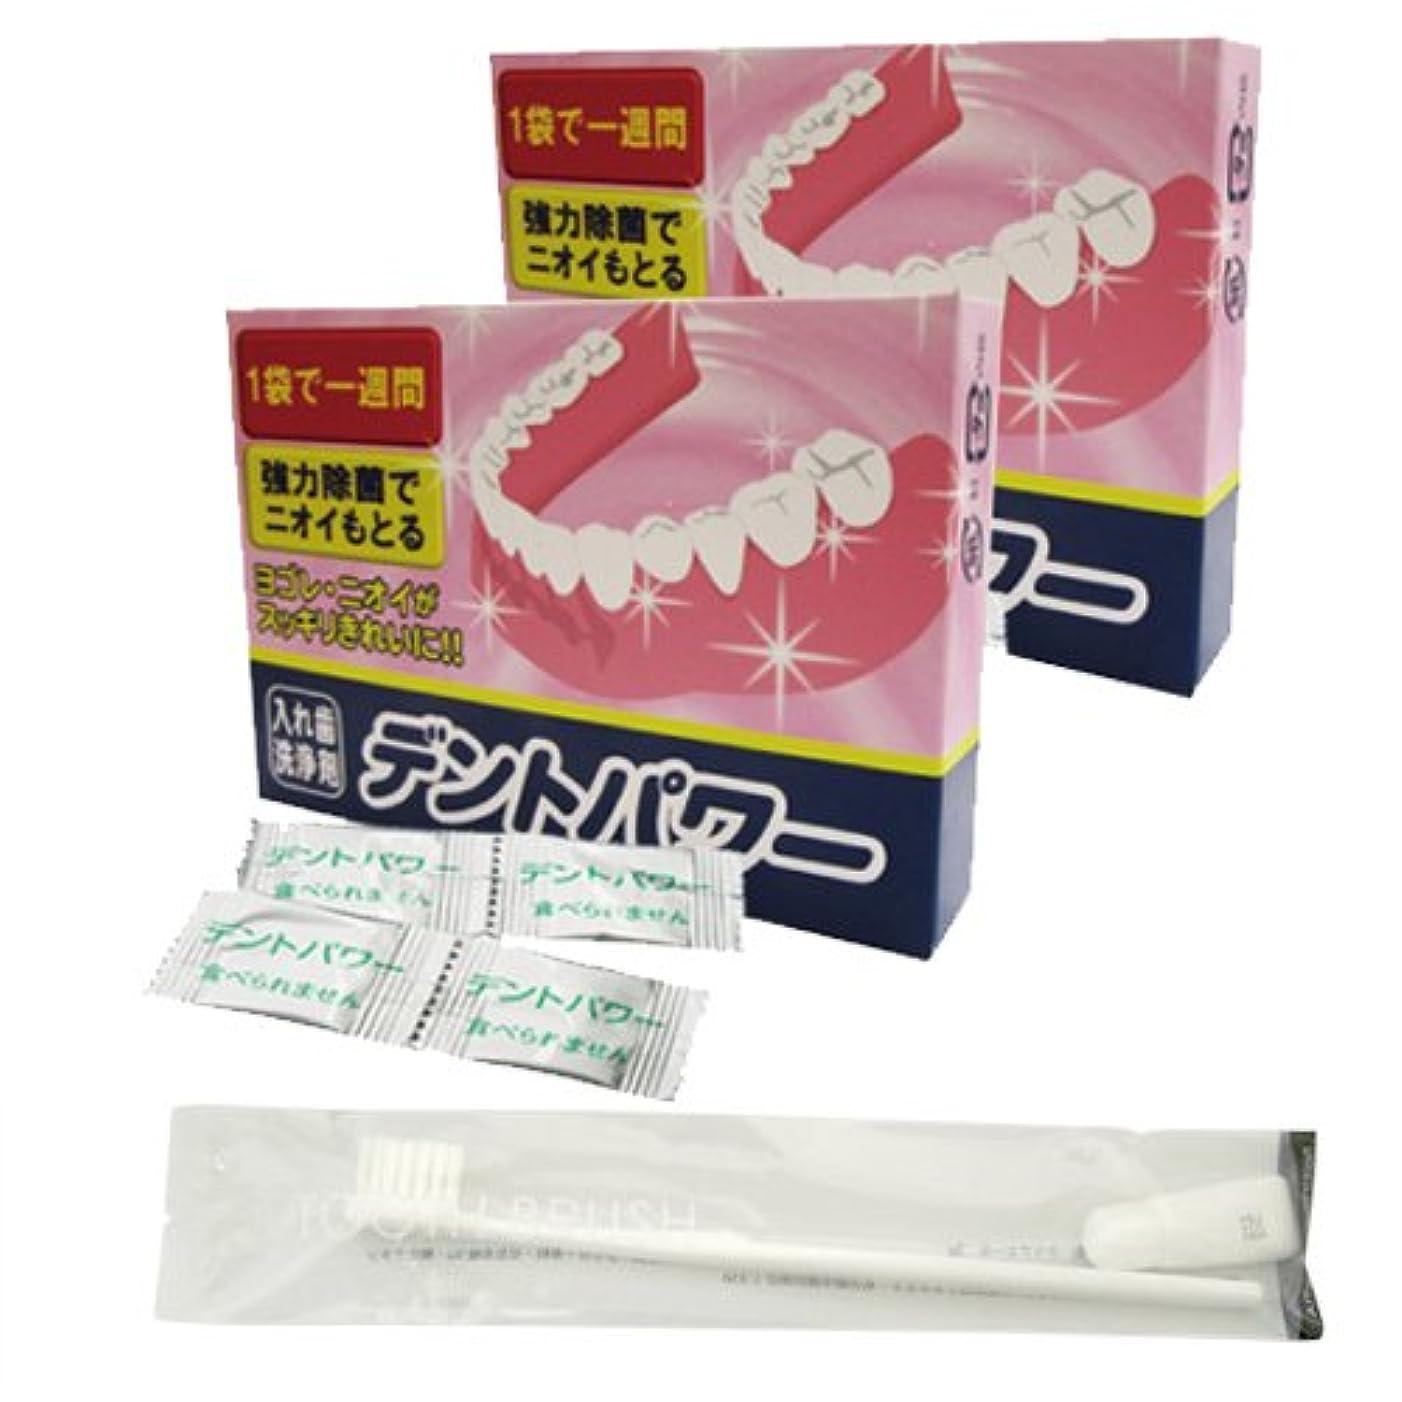 デントパワー 入れ歯洗浄剤 10ヵ月用(専用ケース無し) + デントパワー5ヵ月用 + 粉付き歯ブラシ セット